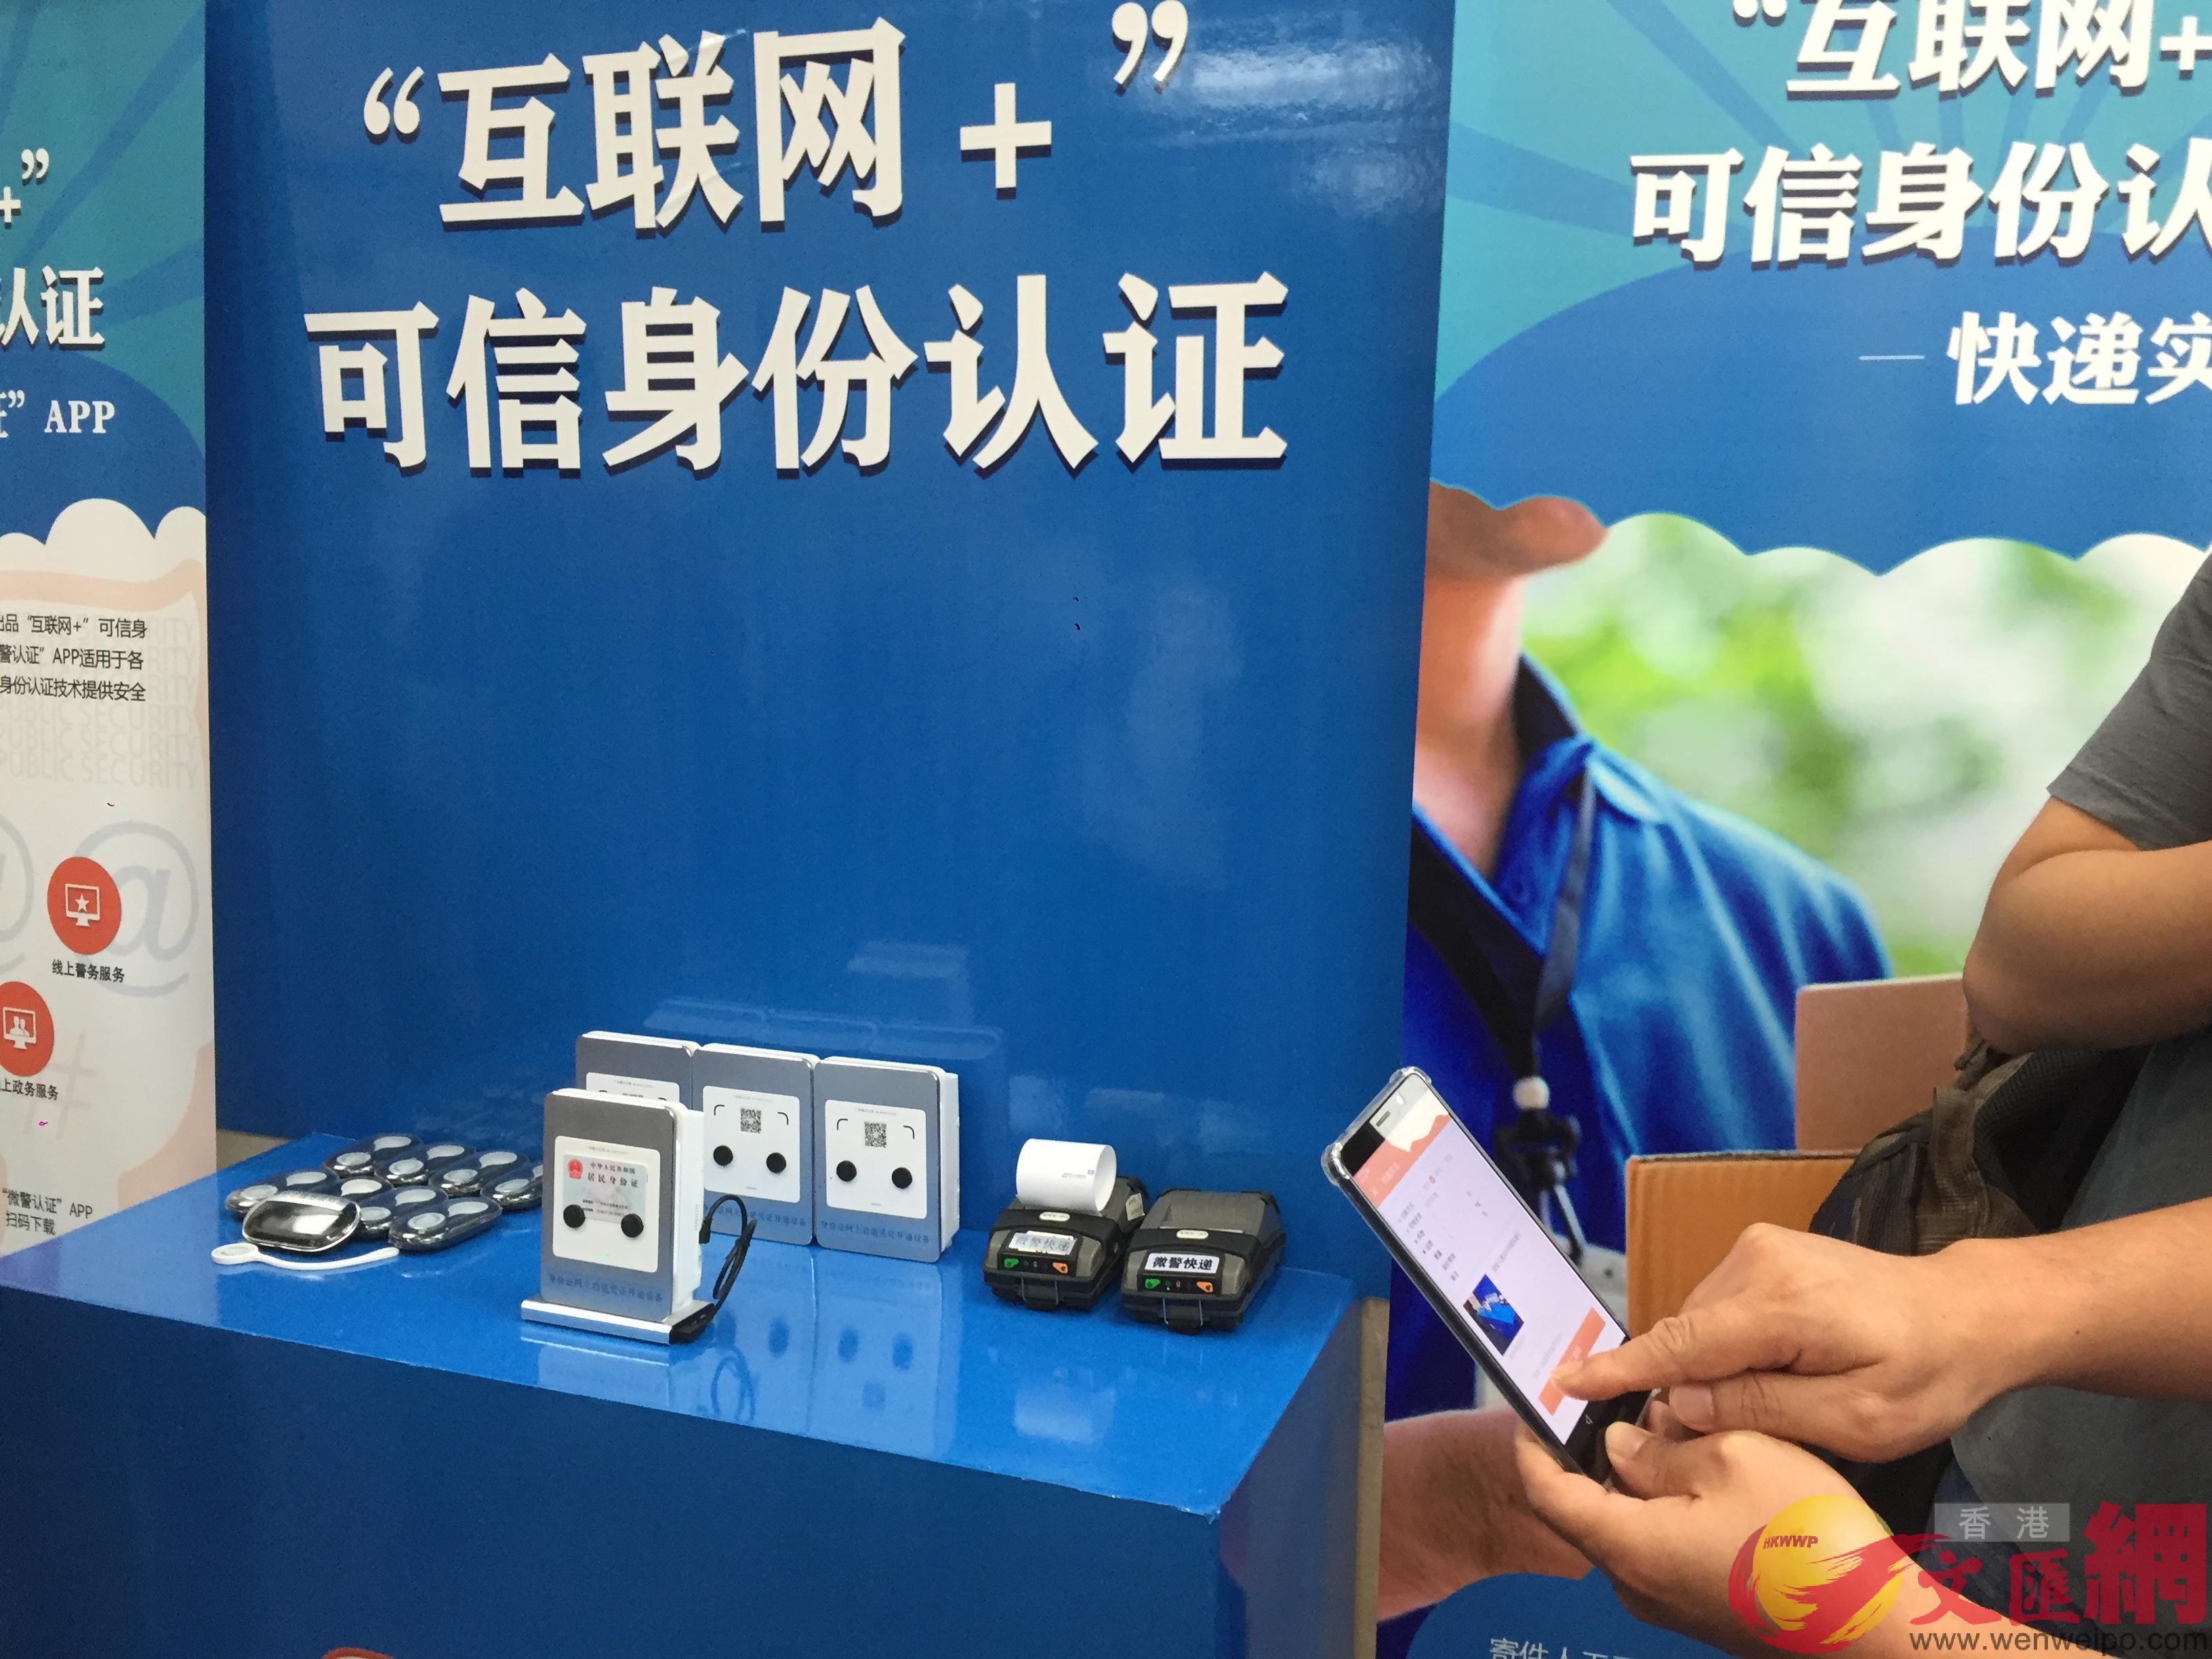 廣東推出「互聯網+可信身份認證」服務平台,通過「刷臉」即可查詢港澳簽注。(記者方俊明攝)